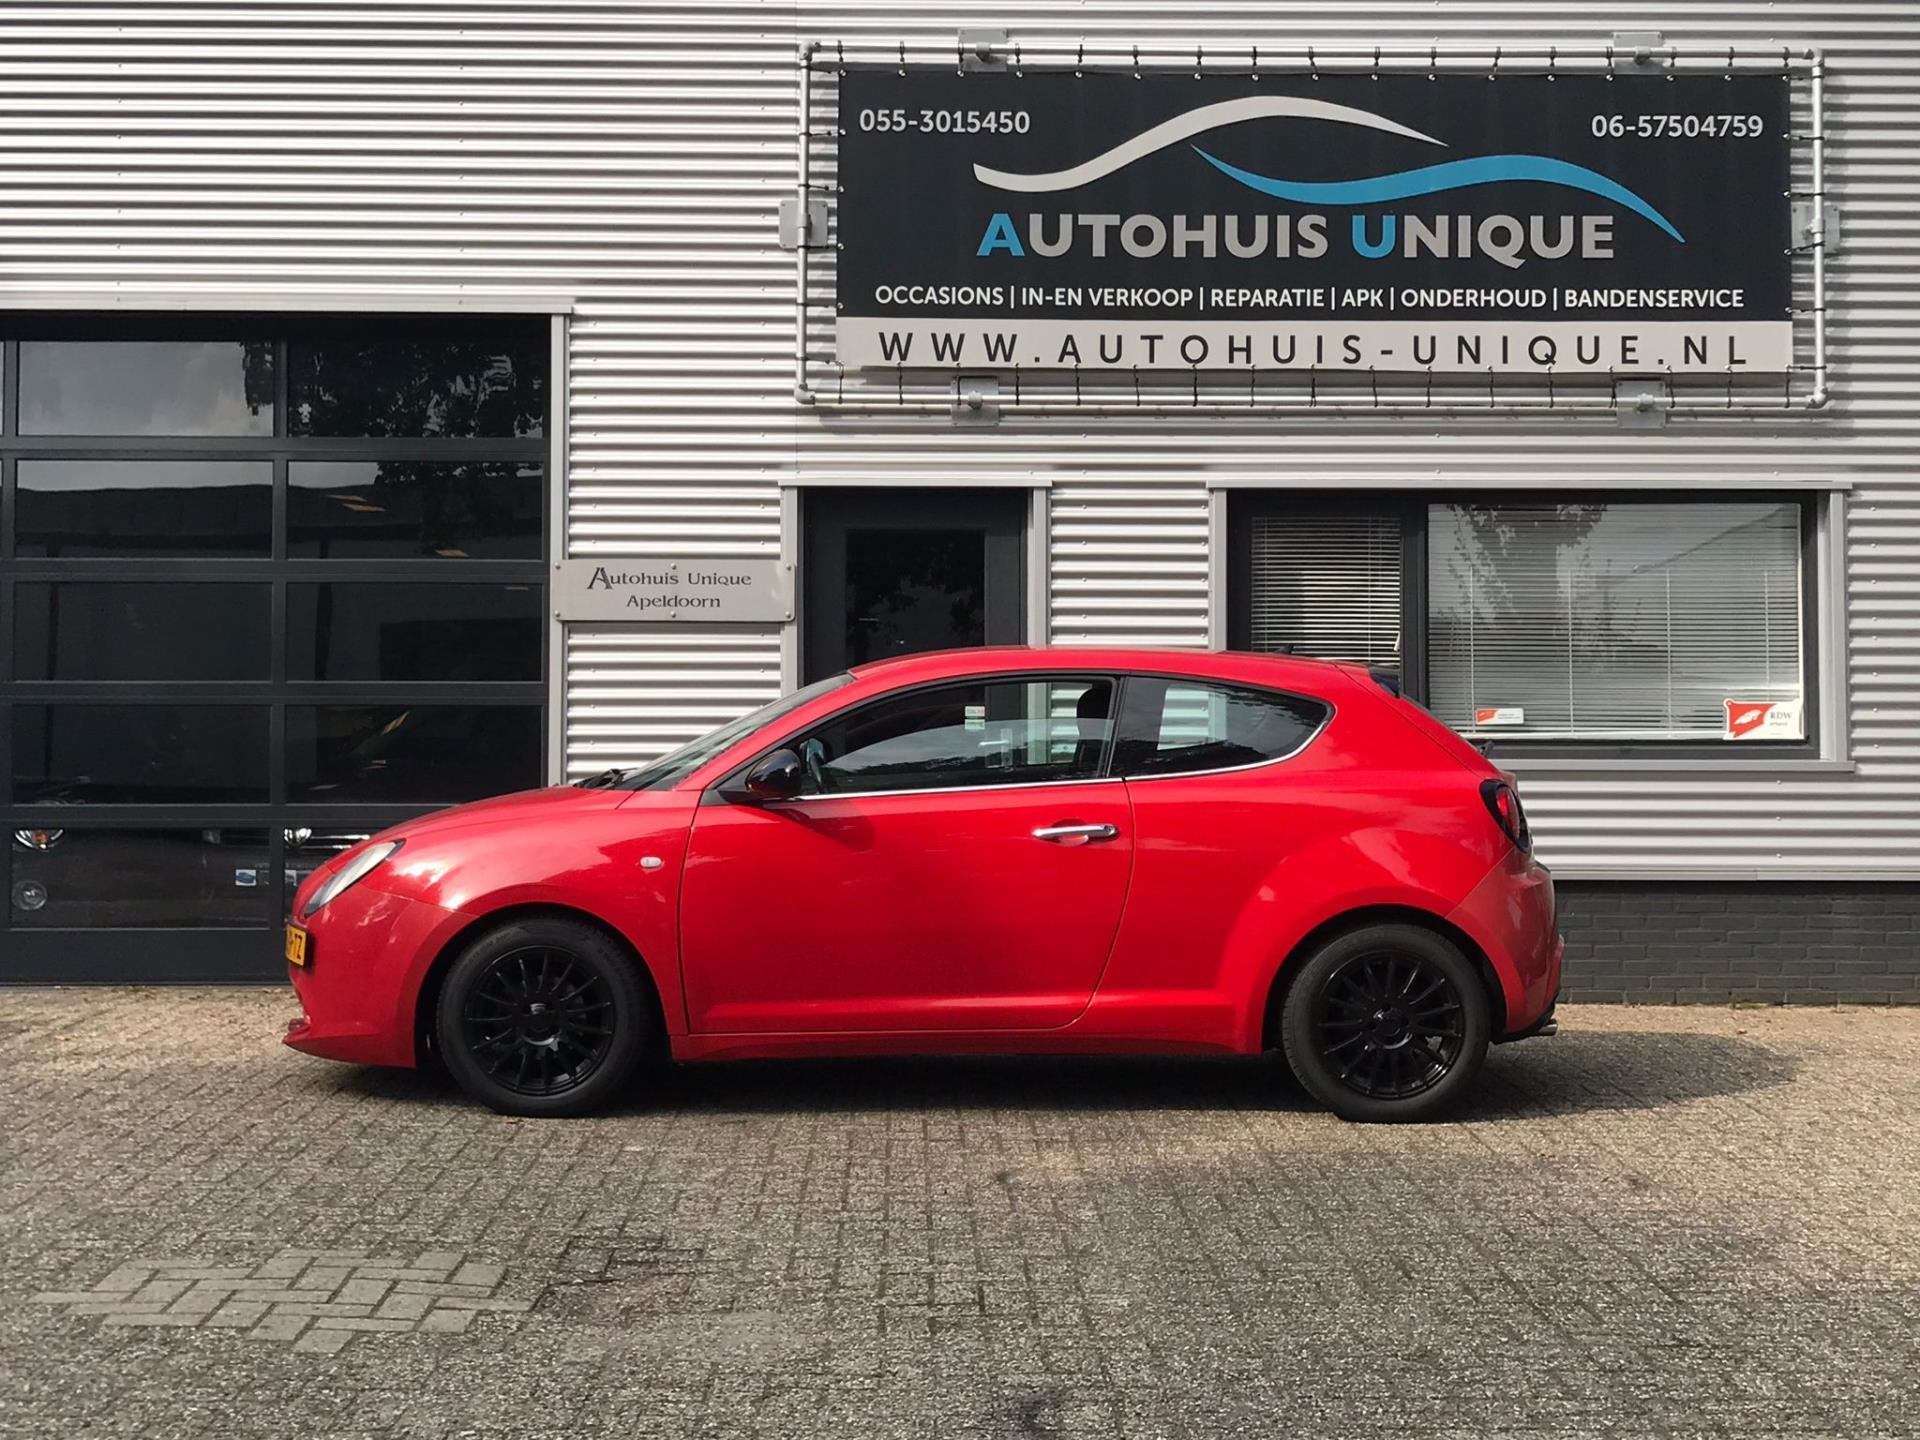 Alfa Romeo MiTo occasion - Autohuis Unique